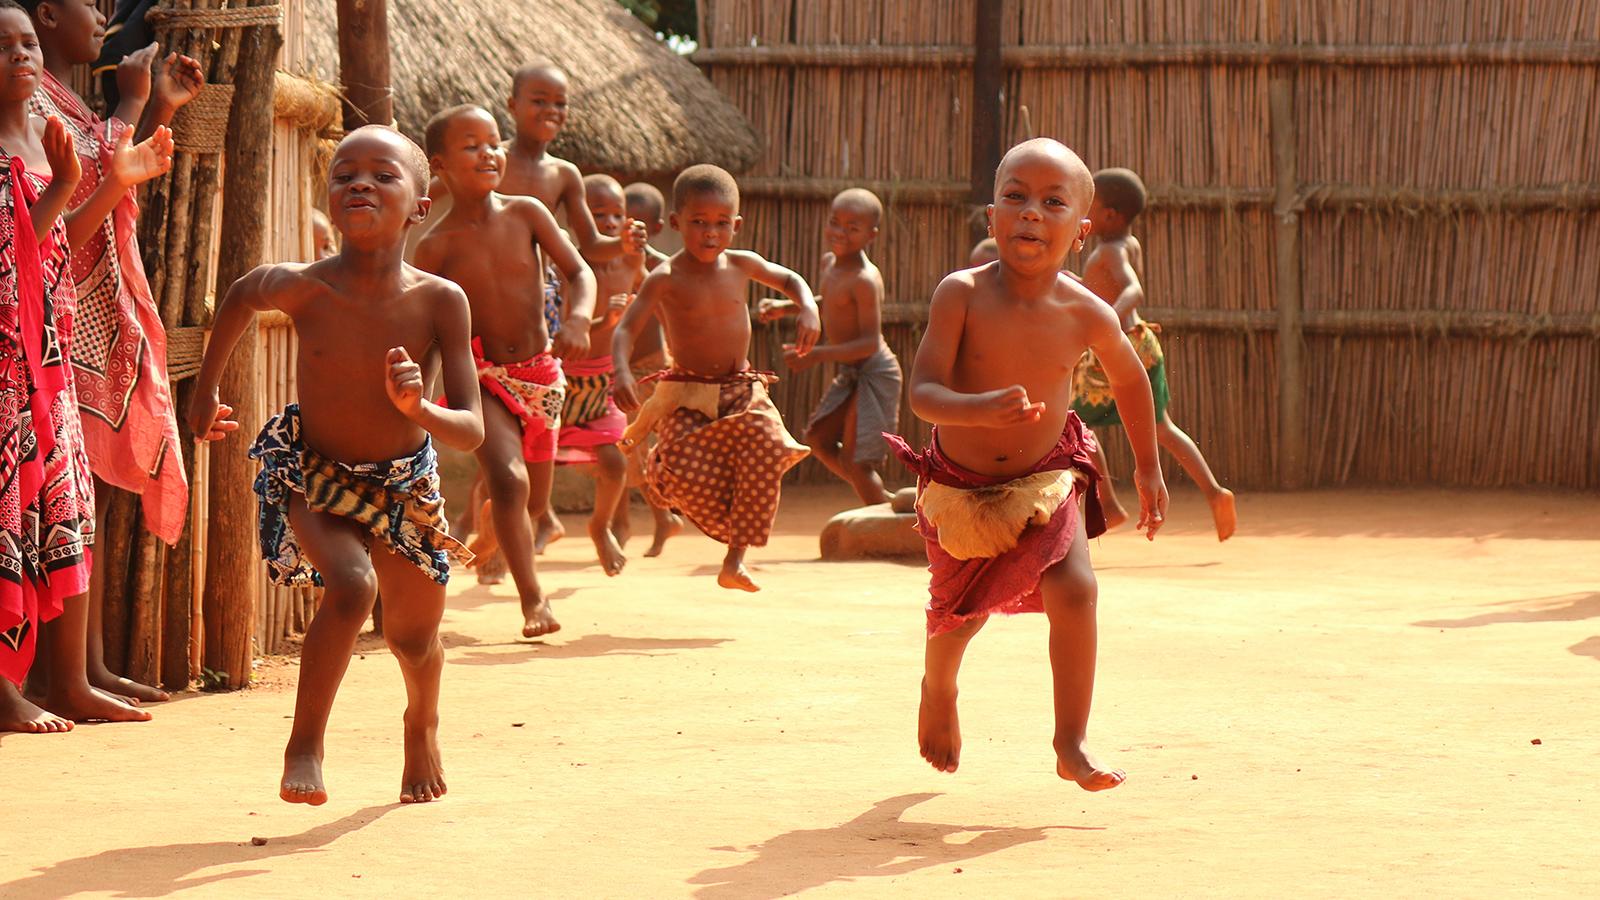 Kinder in Eswatini